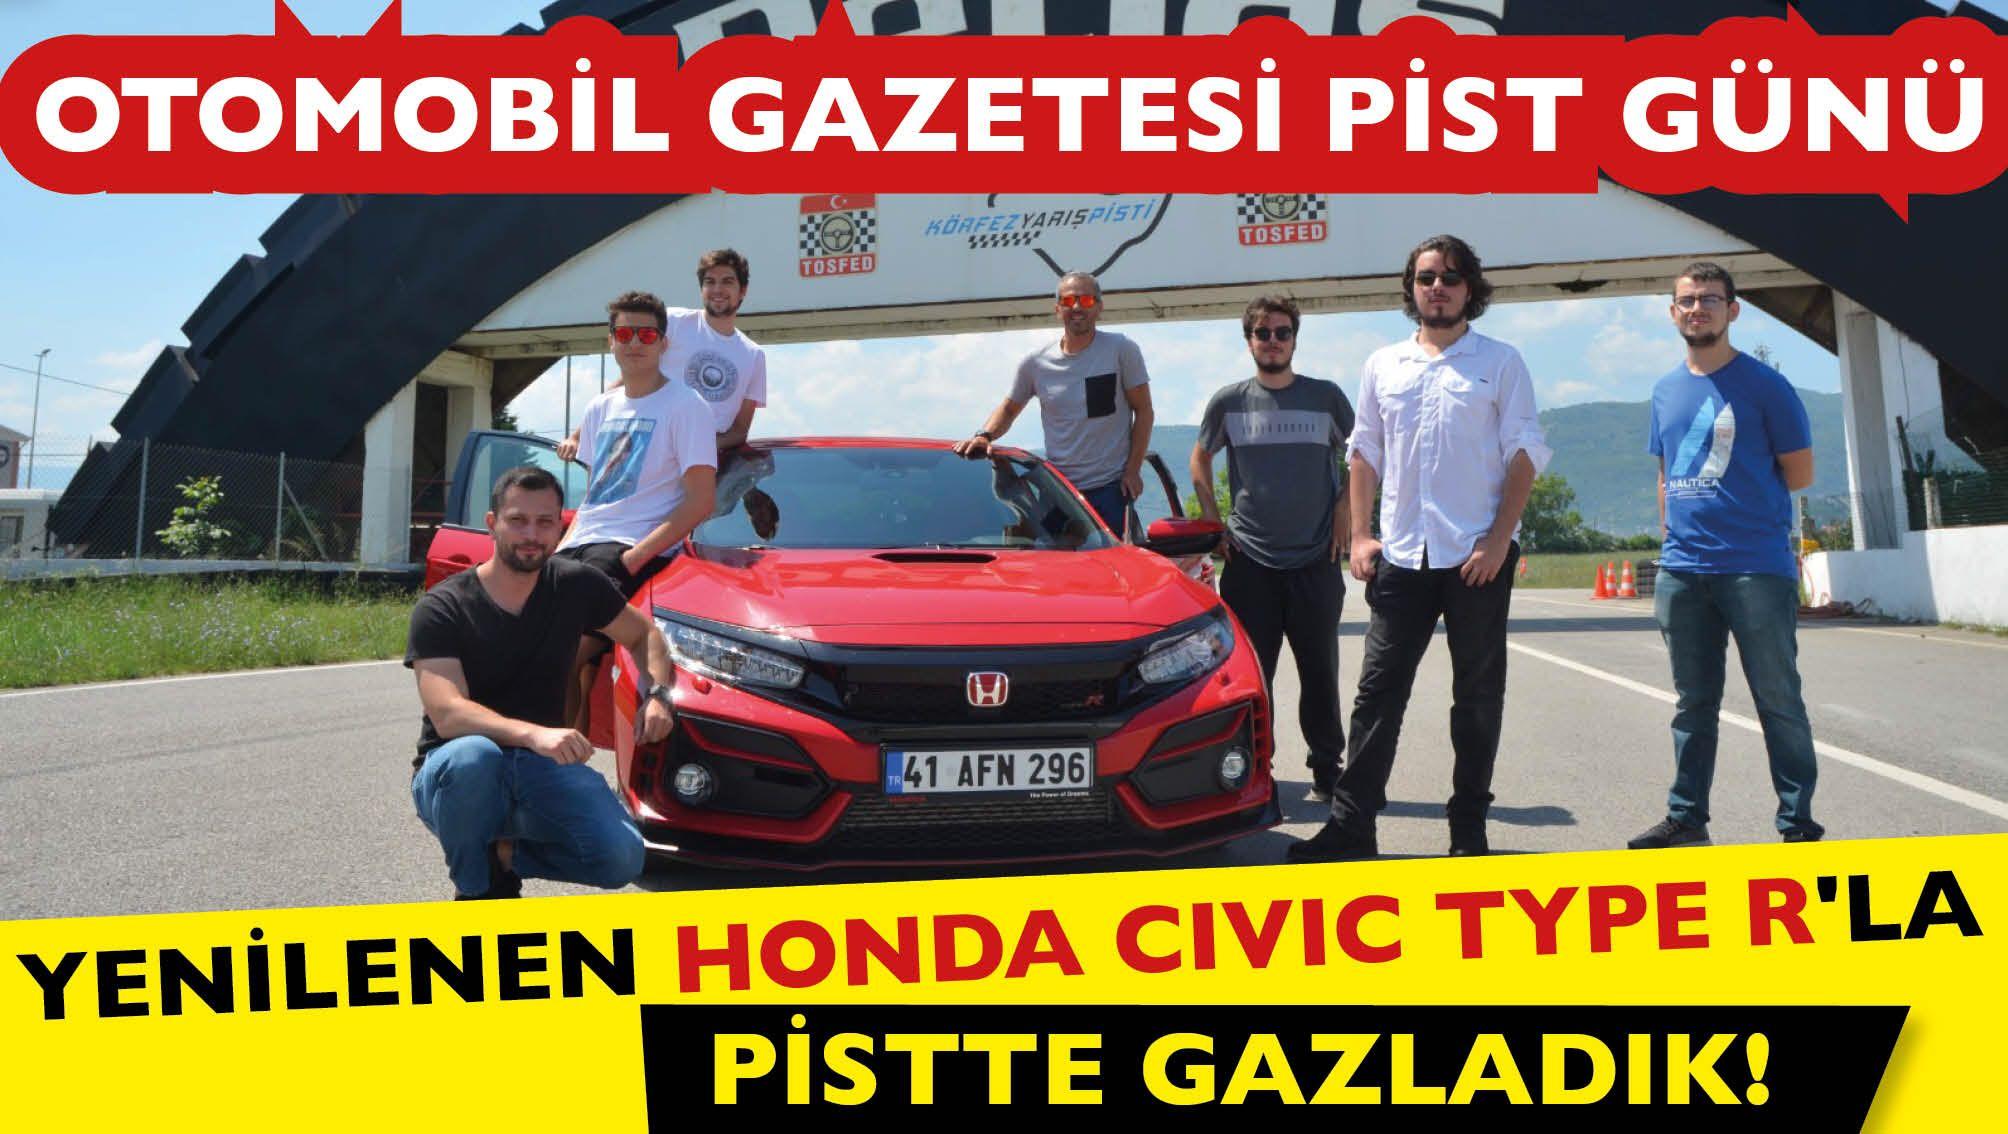 Honda Civic Type R'la Pistte Gazladık!. Otomobil Gazetesi Pist Günü izlenimleri